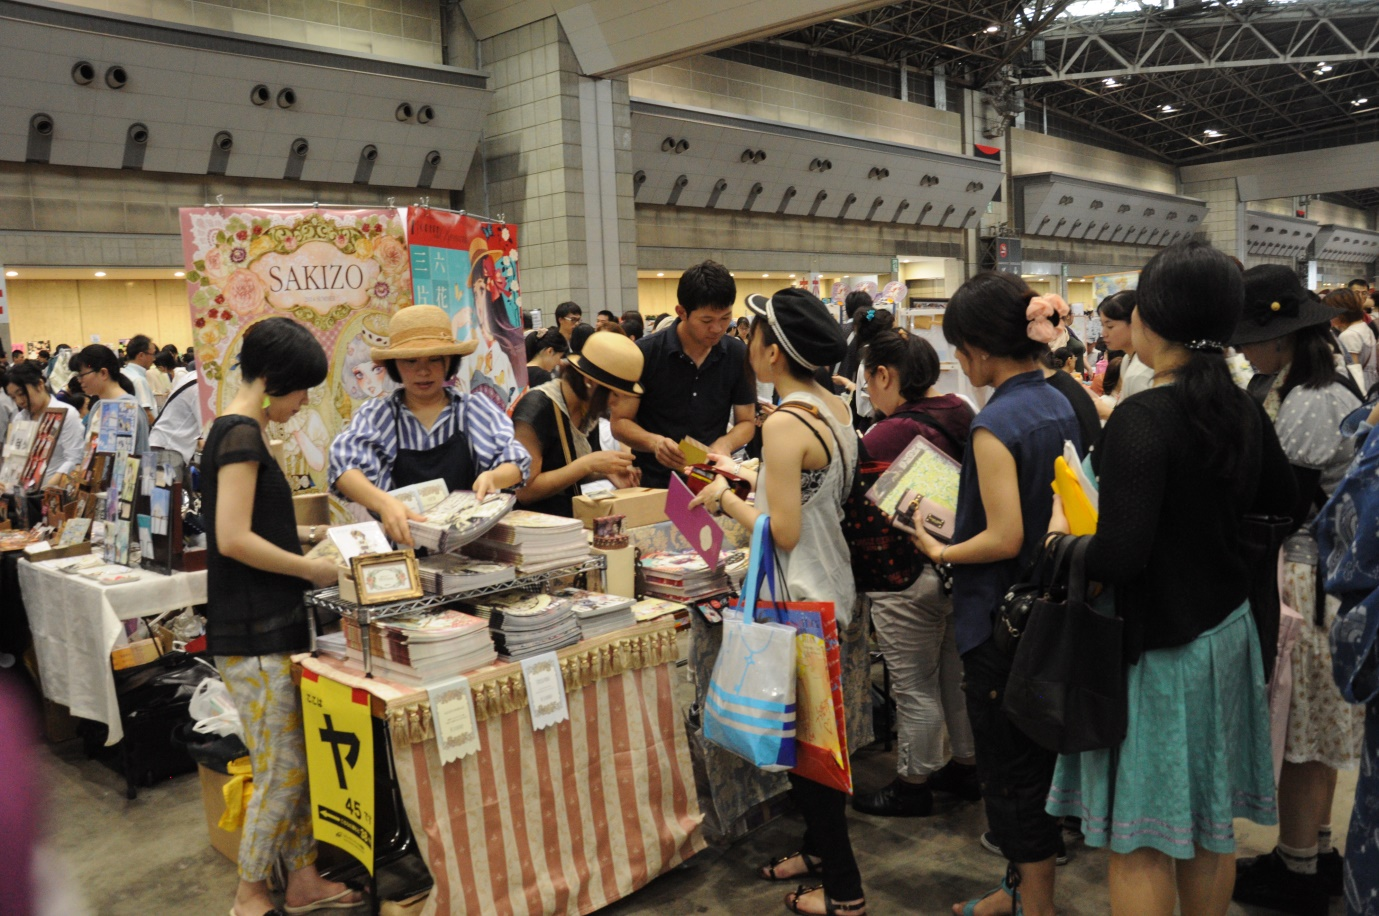 Ok, ok, formem uma fila organizada para comprar as suas Light Novels! Tem pra todo mundo! (Isso não são light novels, mas use sua imaginação)